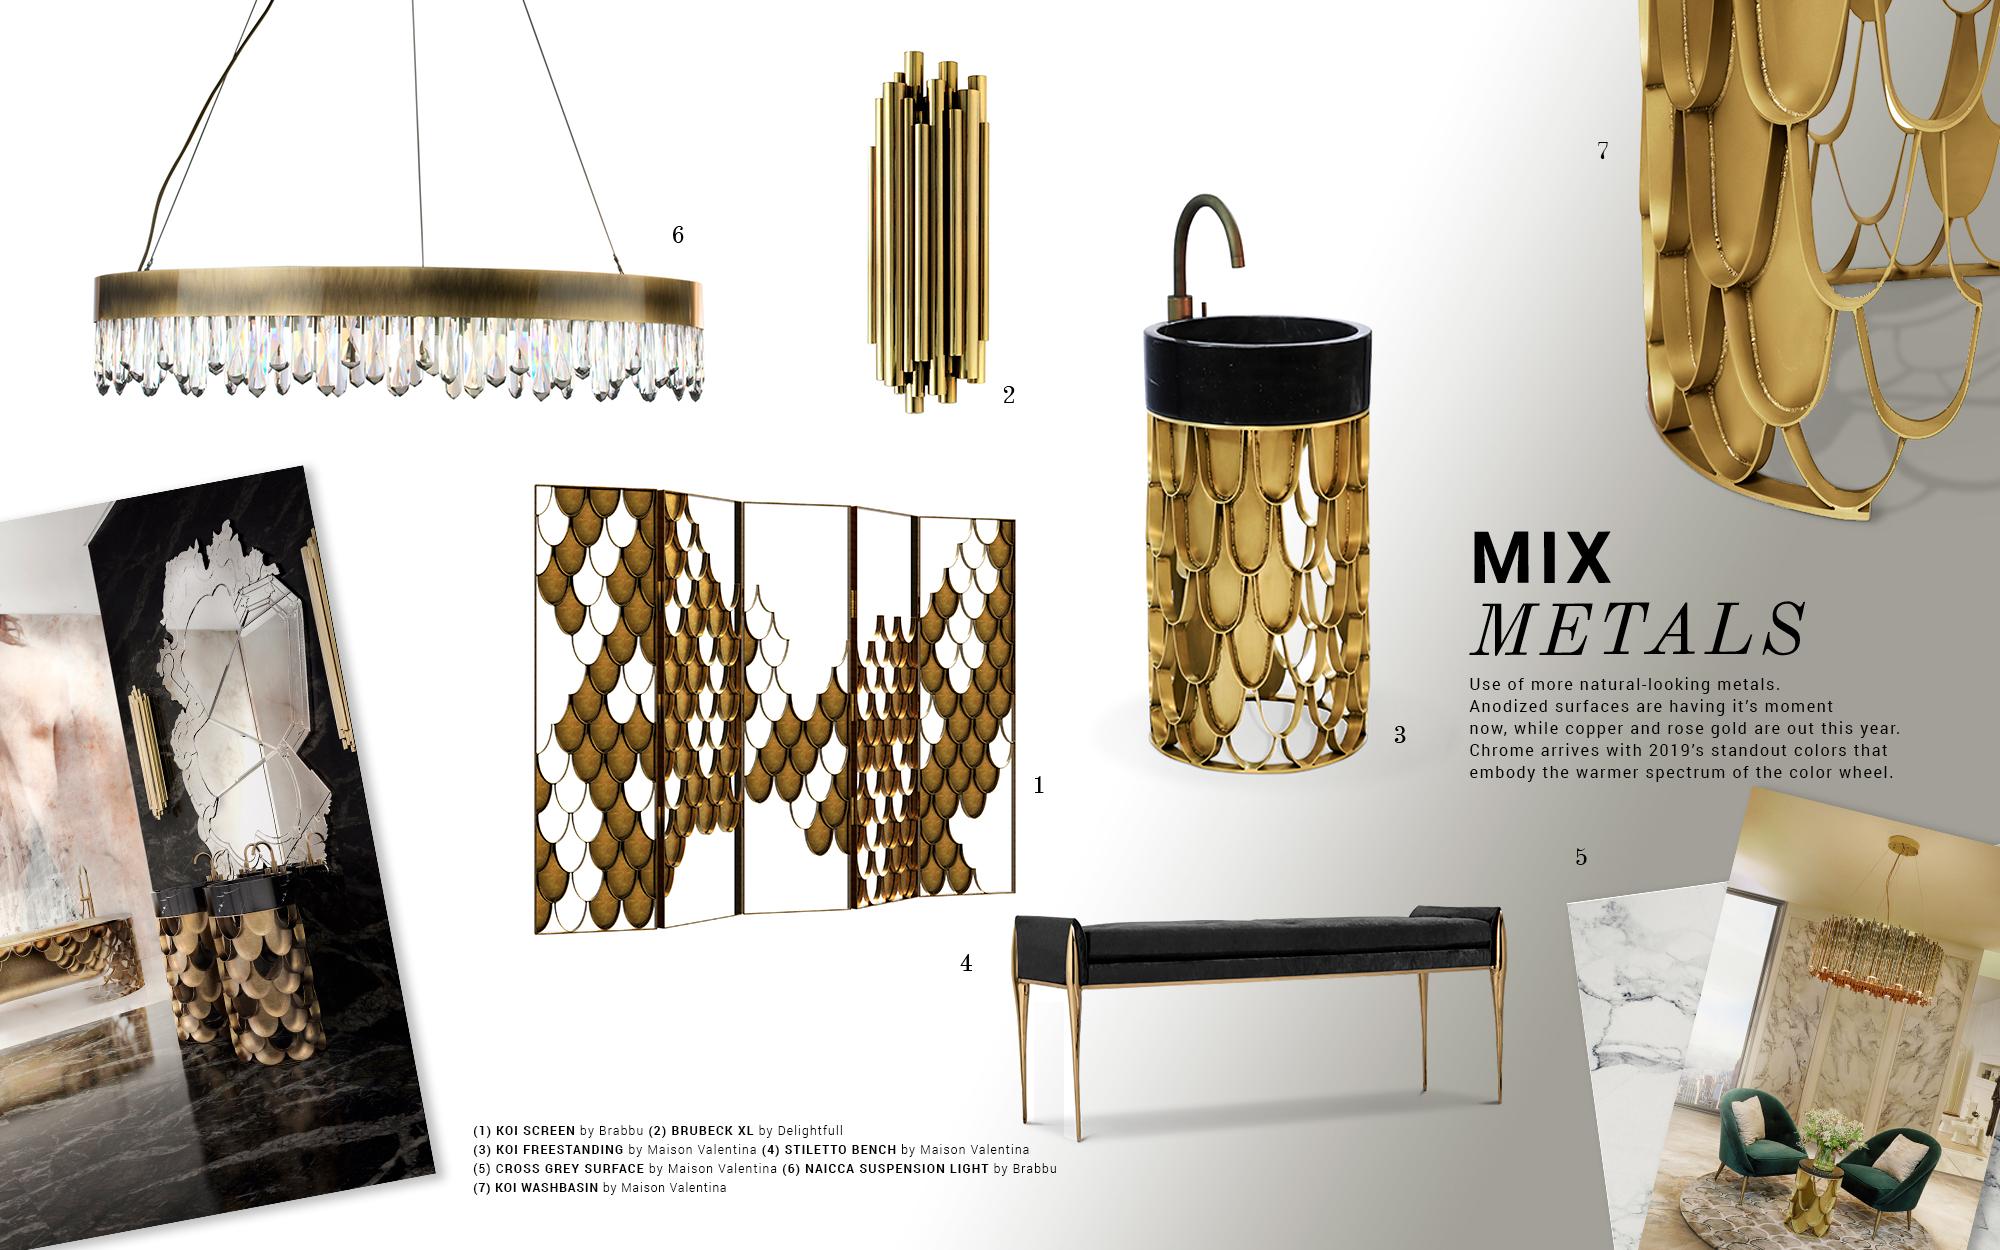 maison valentina design trends from m&o 2019 Maison Valentina Design Trends From M&O 2019 mood board 5 2